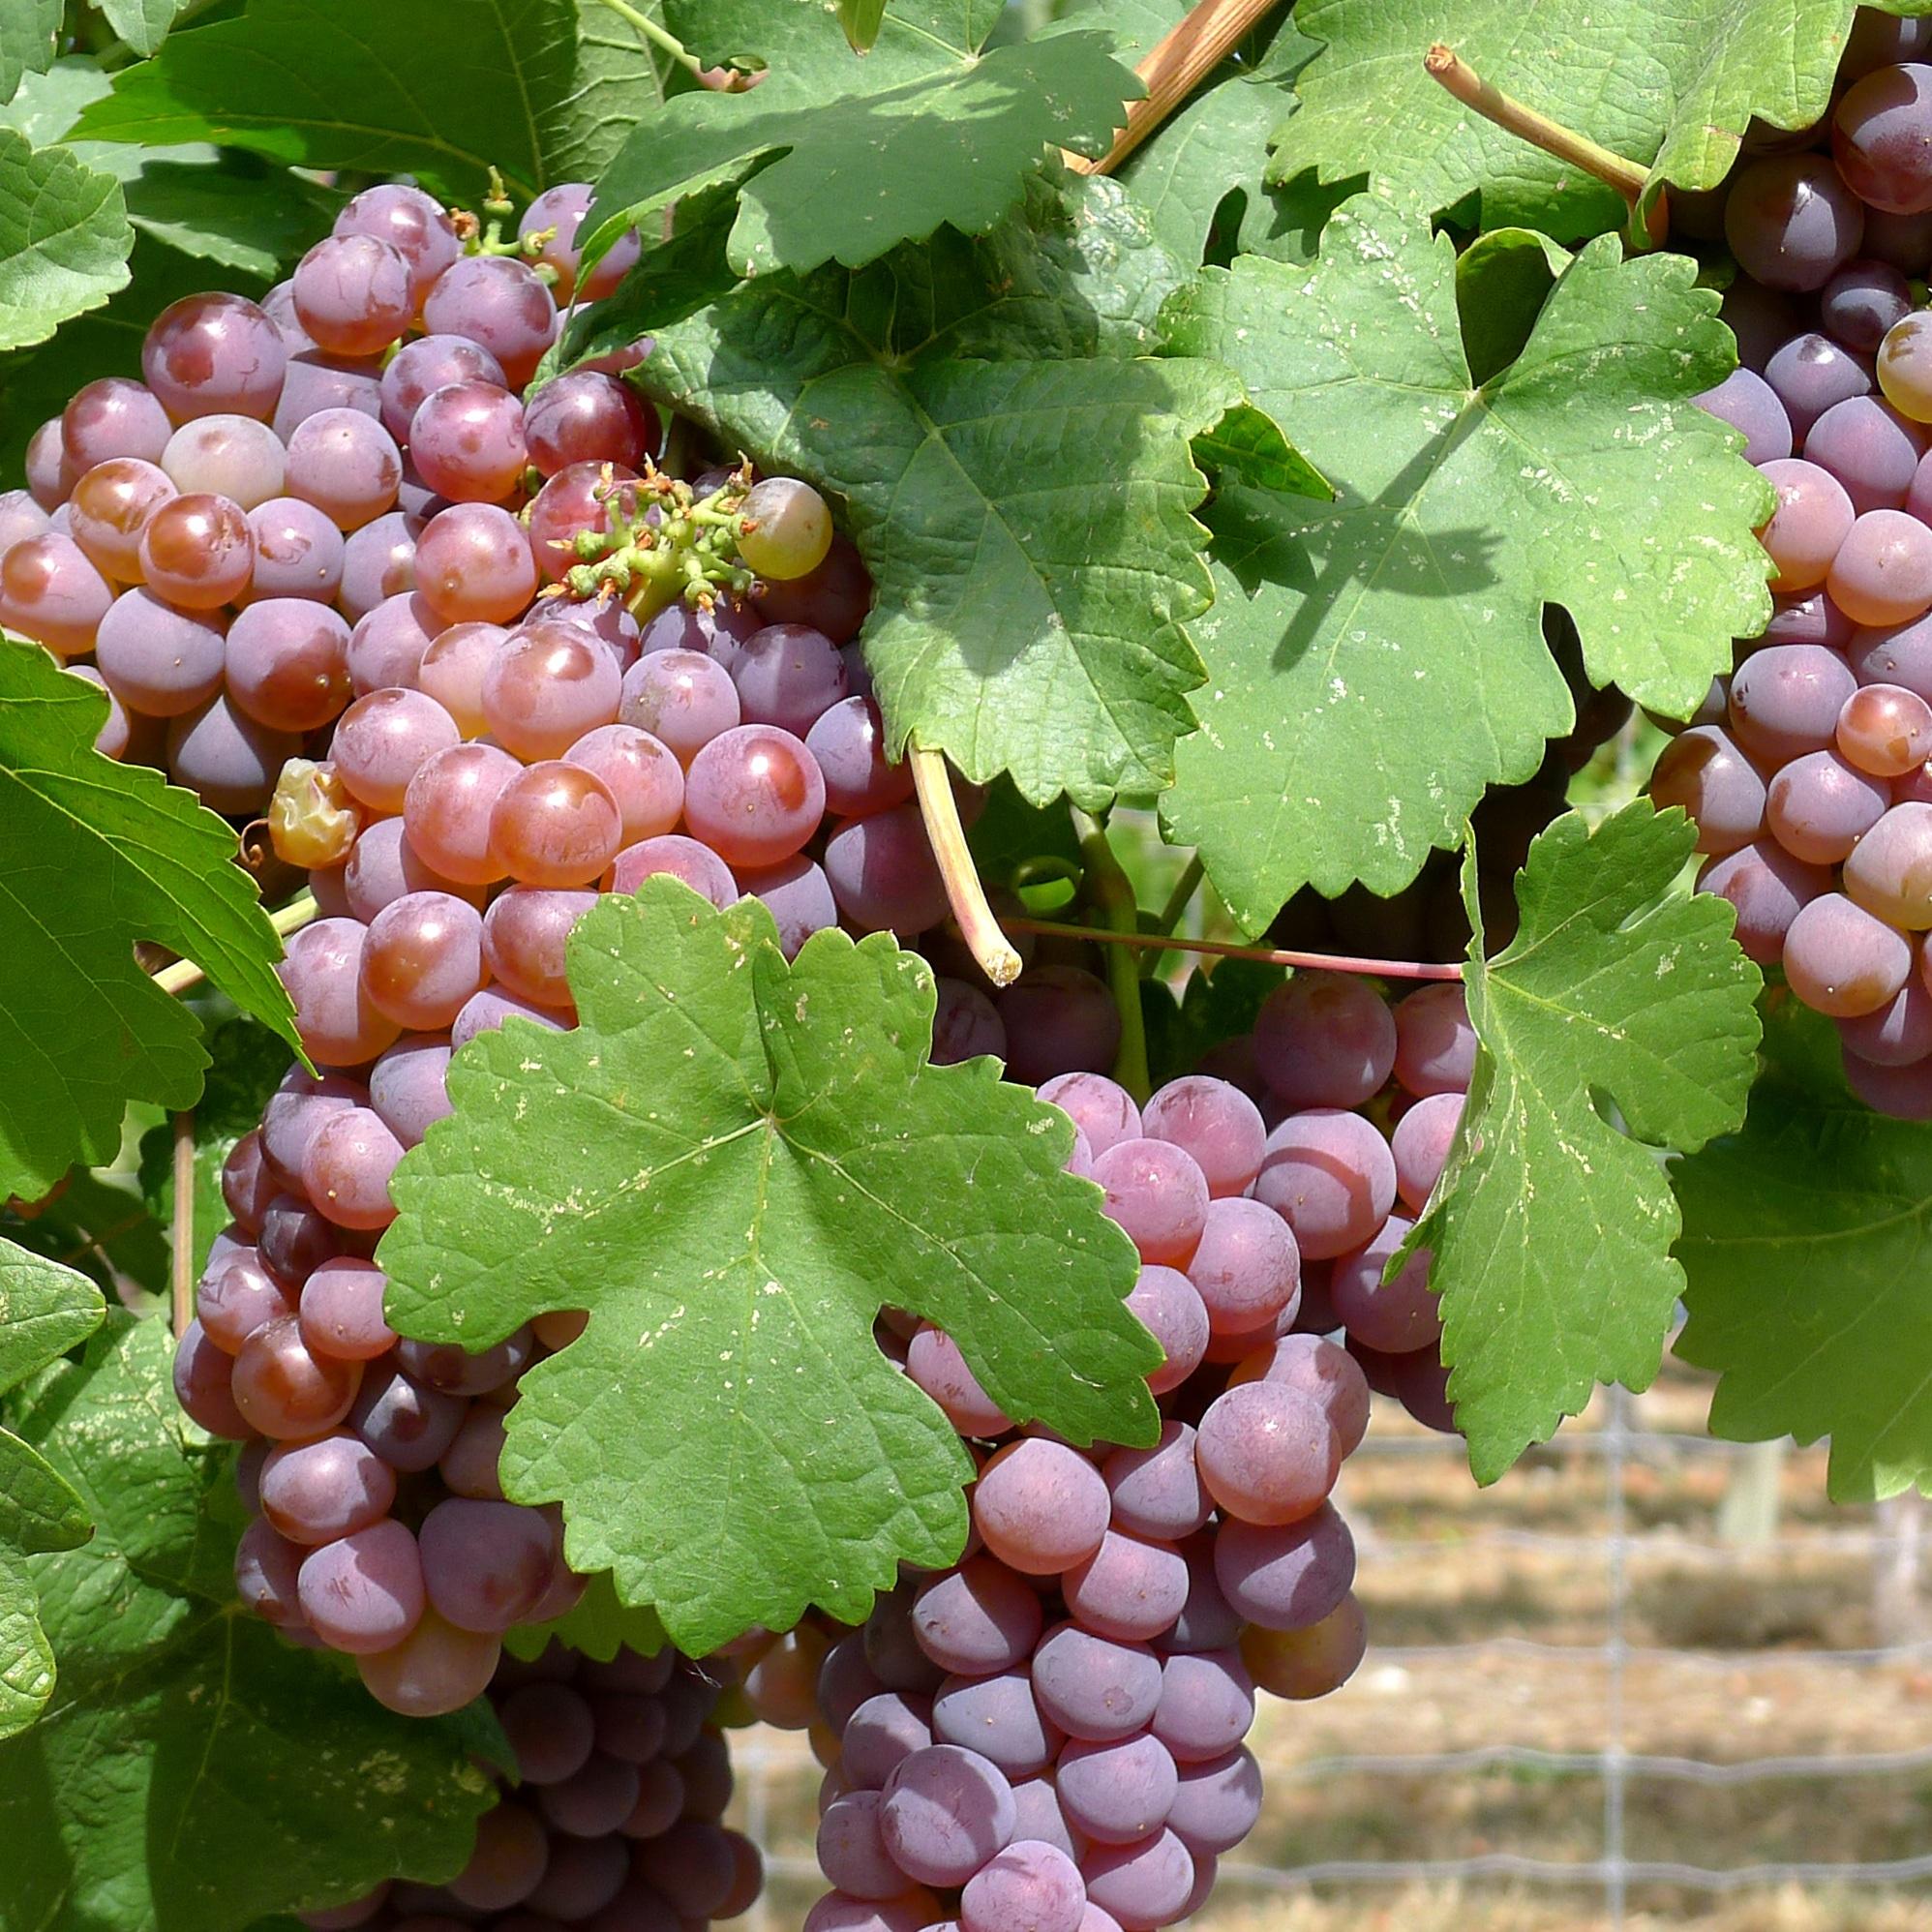 вместе картинки куст винограда сыграют заклятых